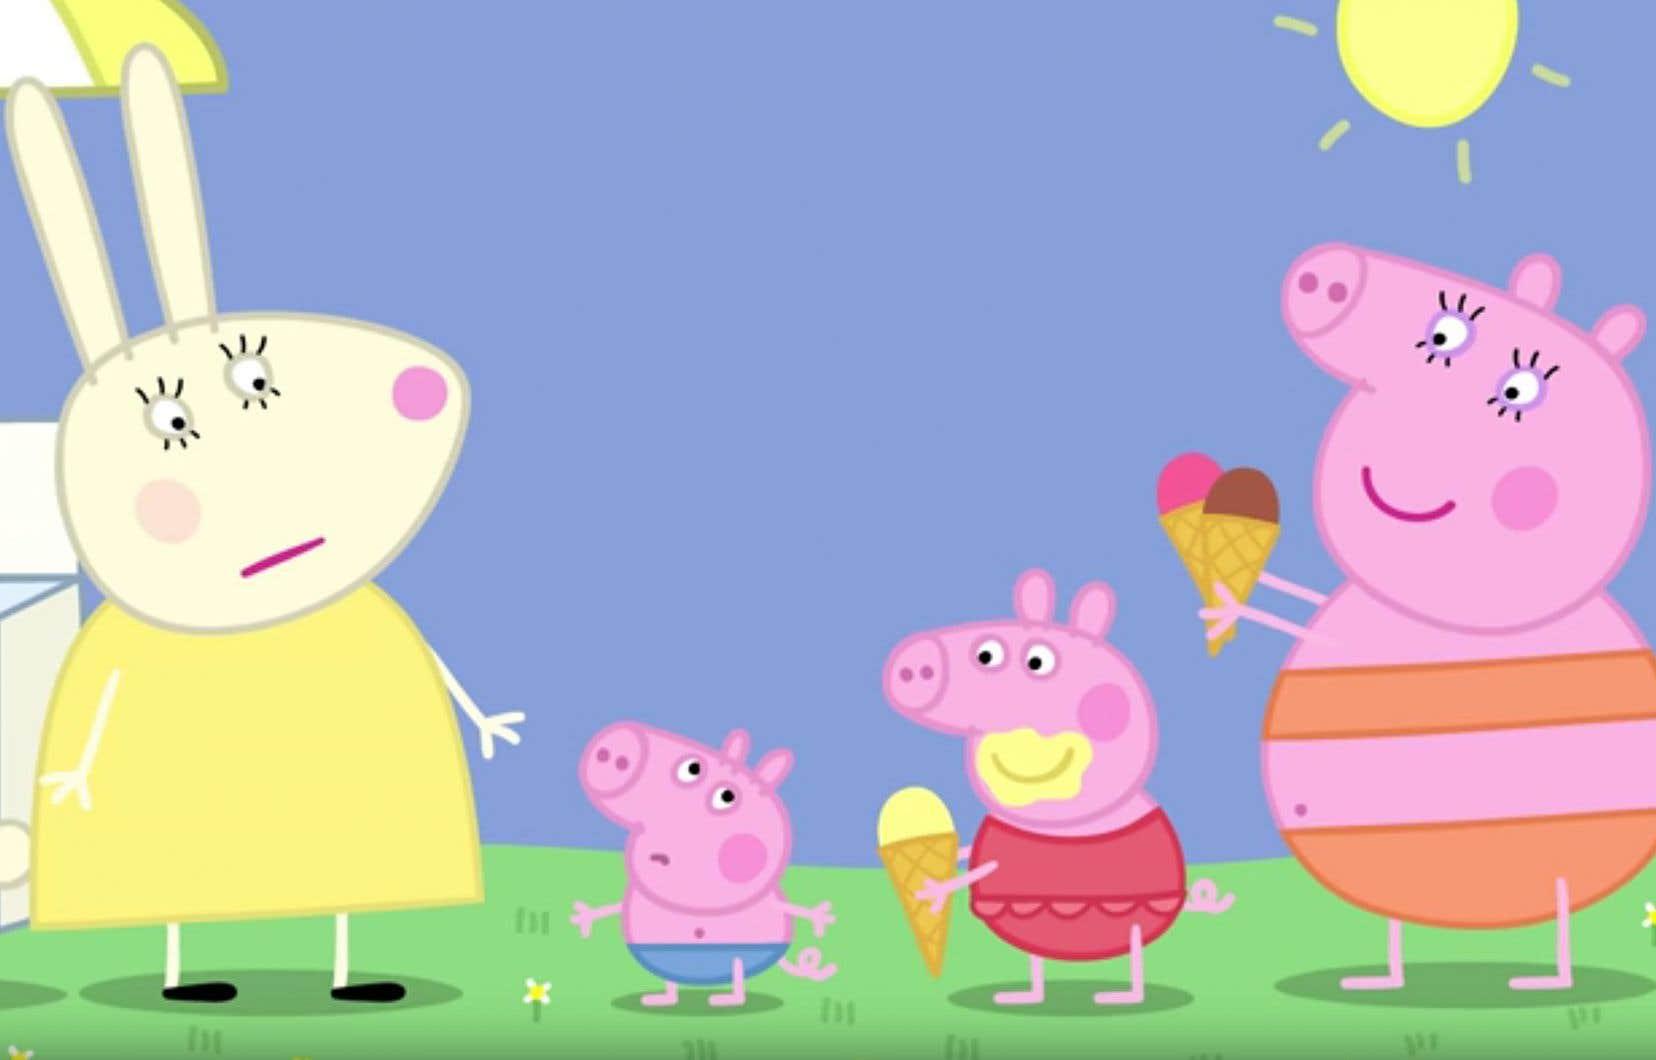 Le Dessin Anime Britannique Peppa Pig Censure En Chine Le Devoir